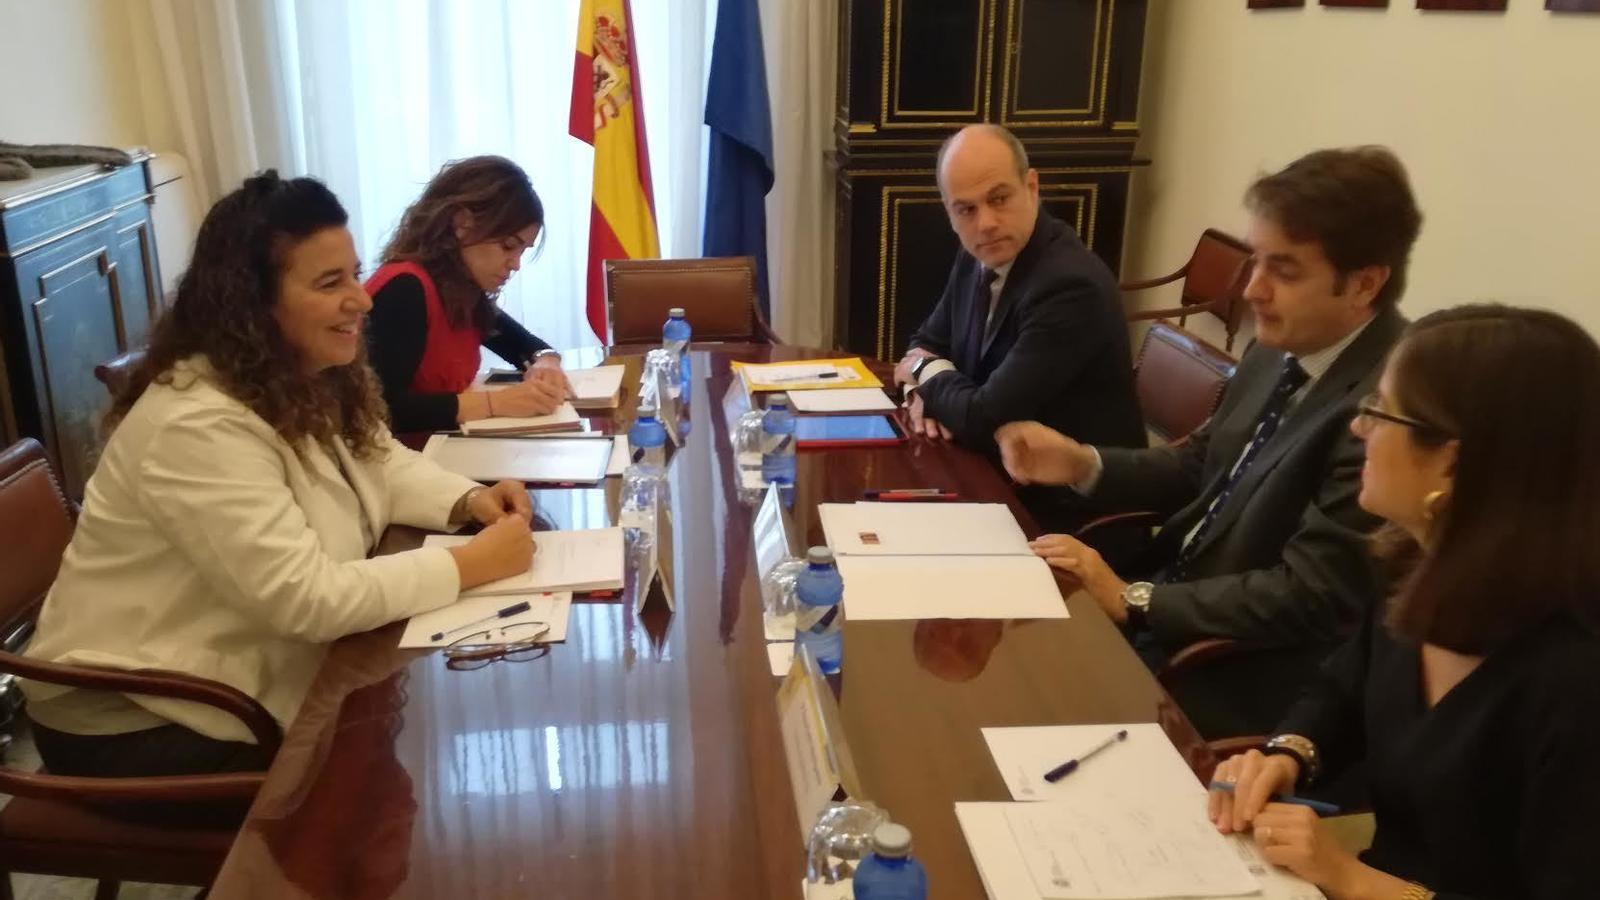 La consellera de Presidència, Pilar Costa, i el secretari d'Estat, Roberto Bermúdez de Castro, a la reunió d'aquest dijous a Madrid.